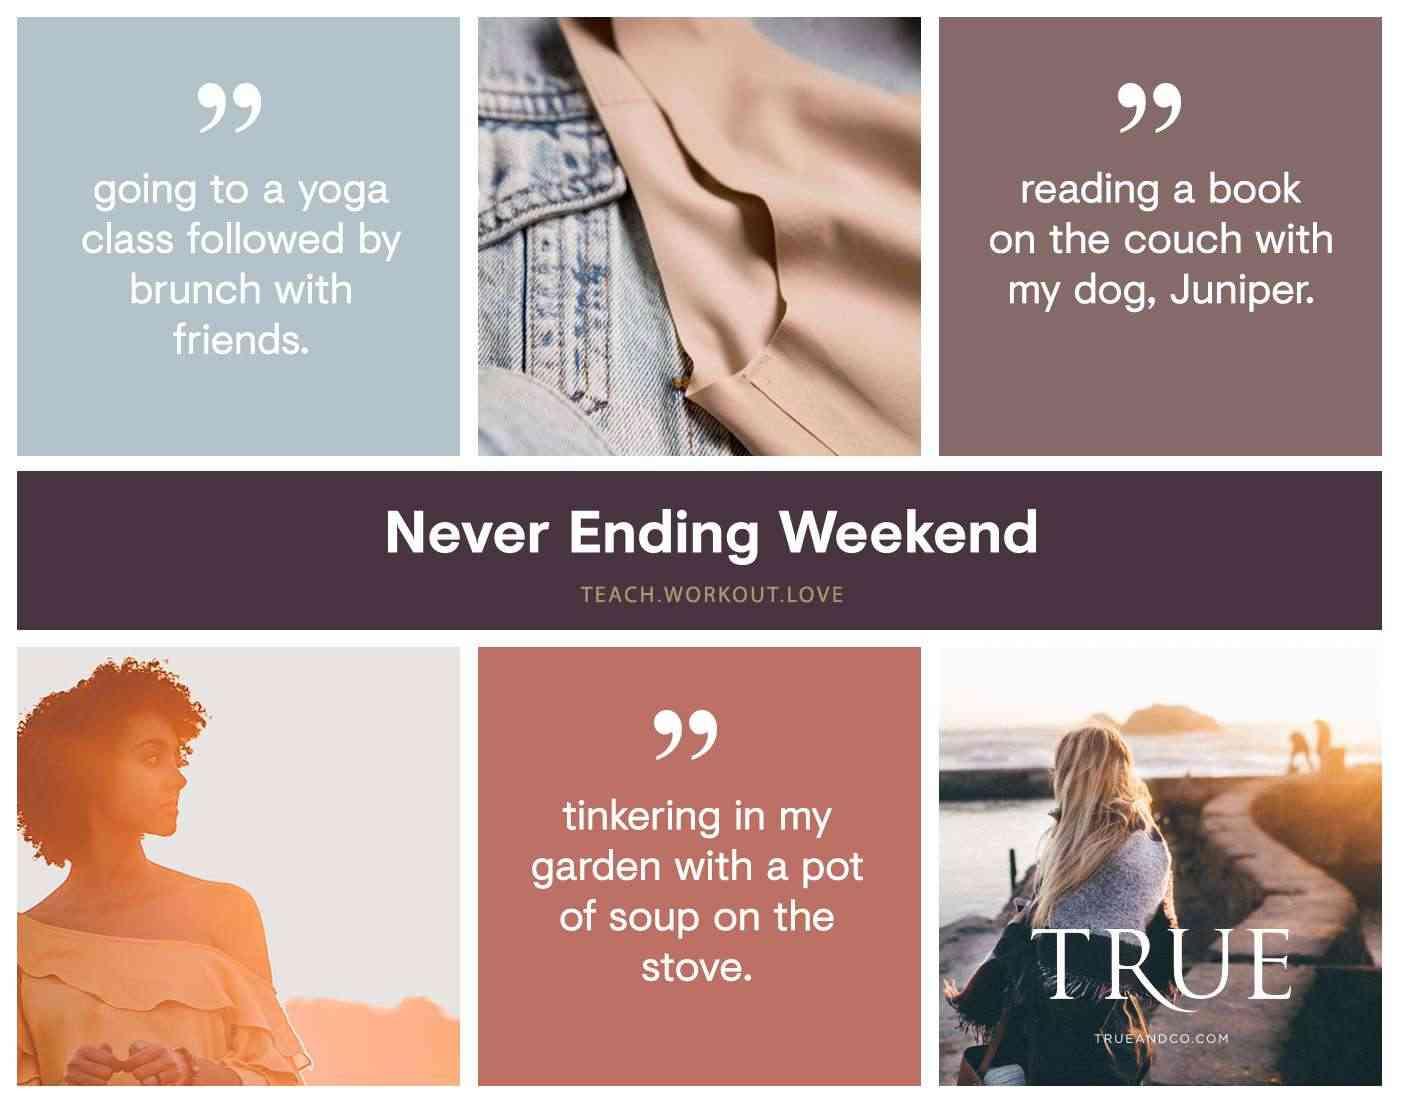 weekend-infographic-teachworkoutlove.com